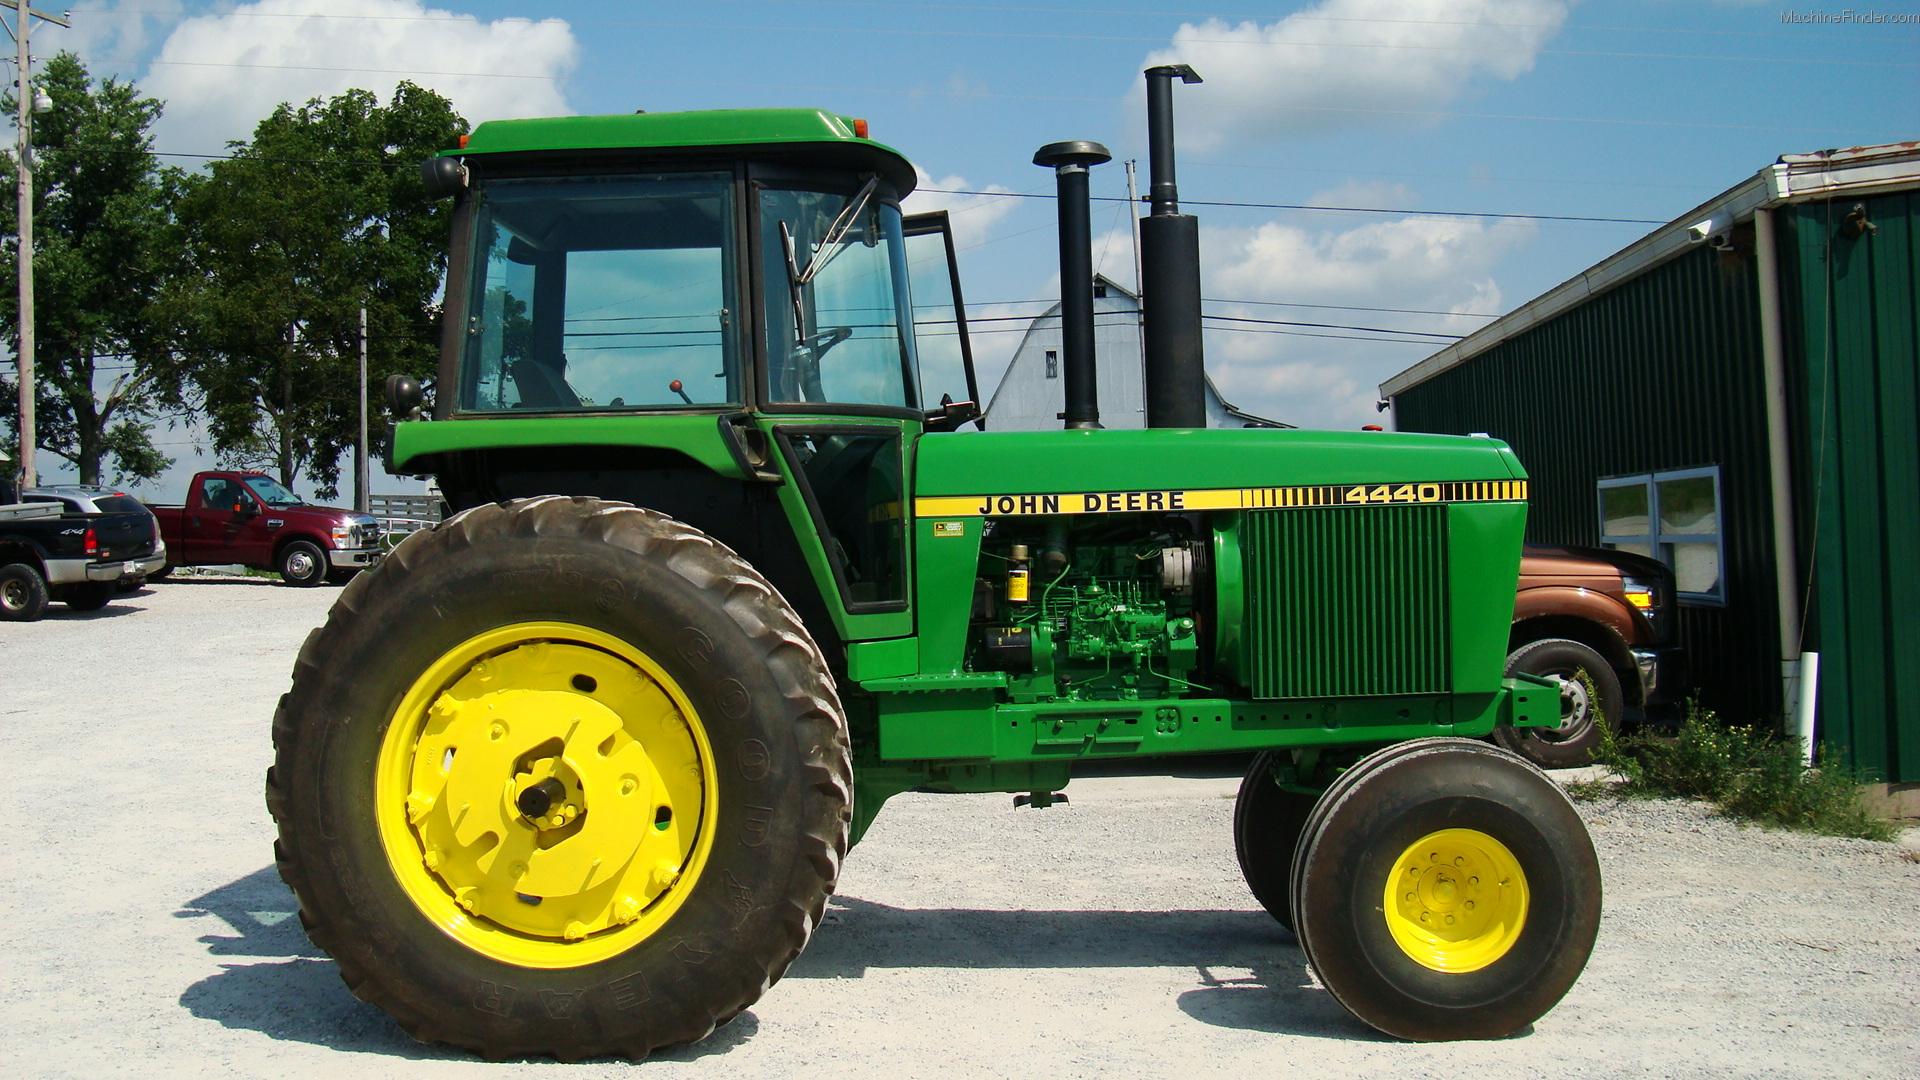 1979 John Deere 4440 Tractors - Row Crop (+100hp) - John ...